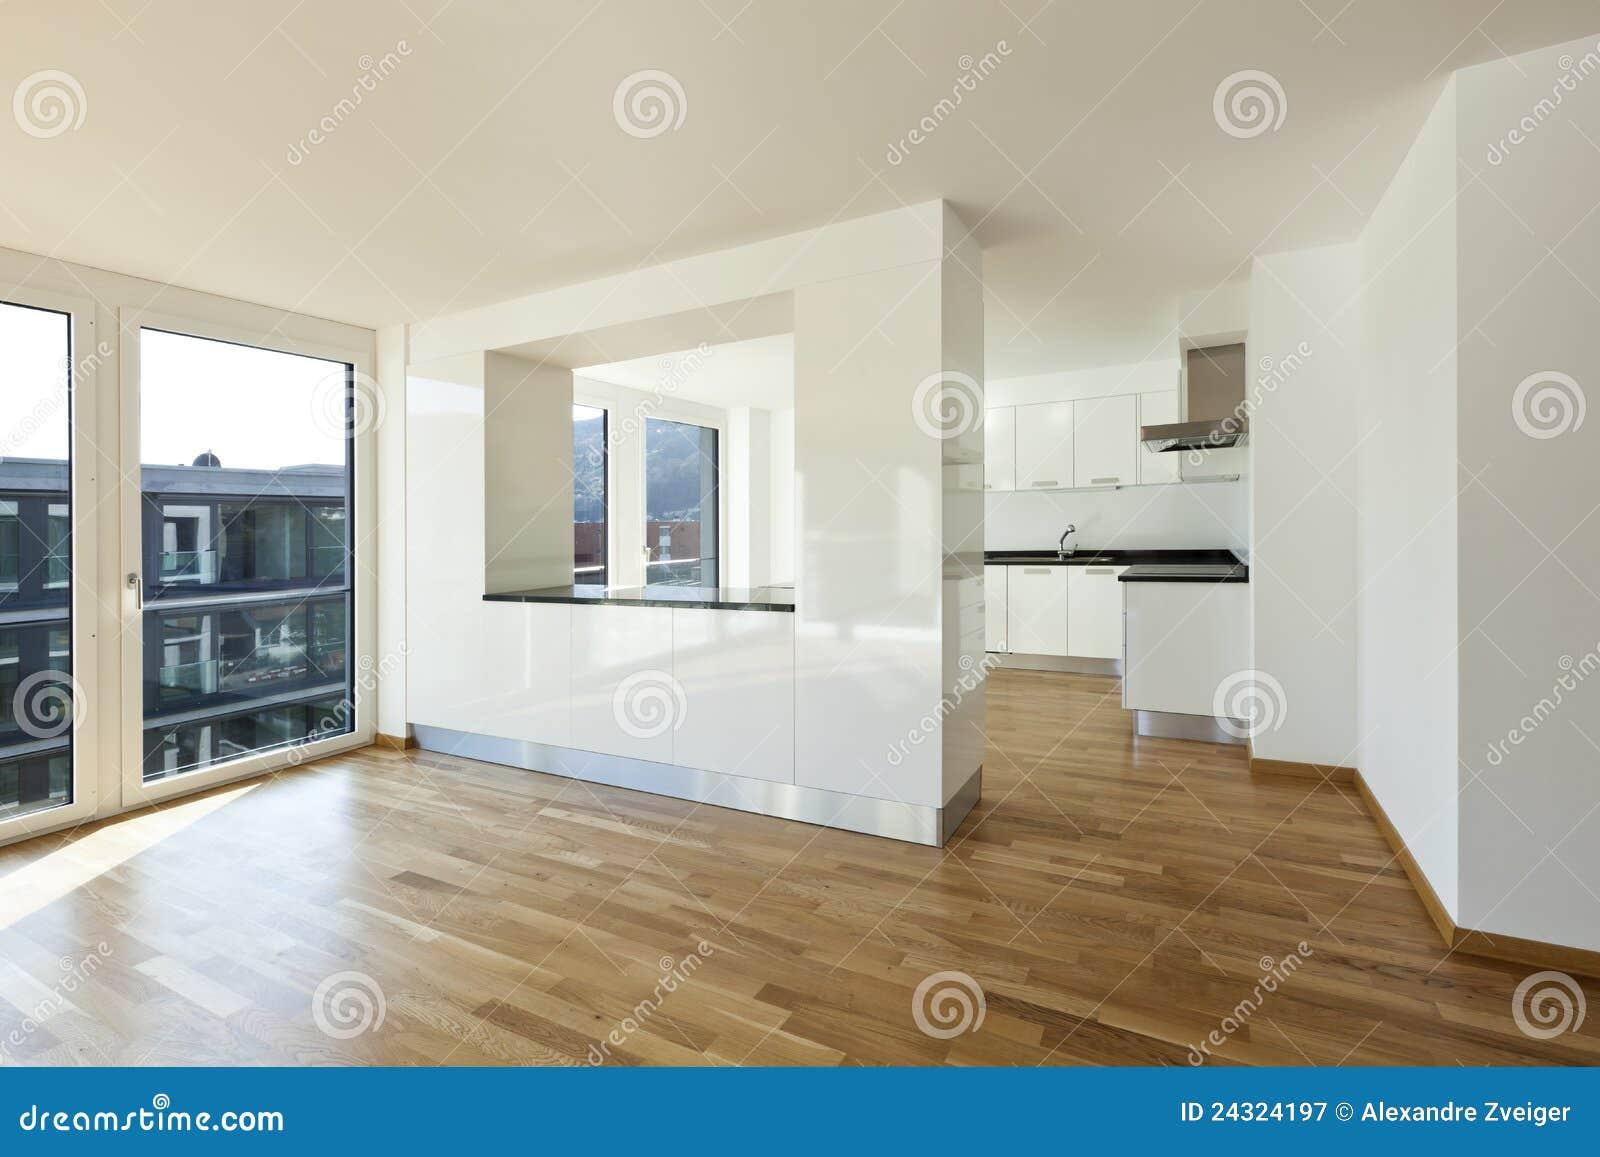 Appartement neuf int rieur photographie stock libre de for Appartement interieur